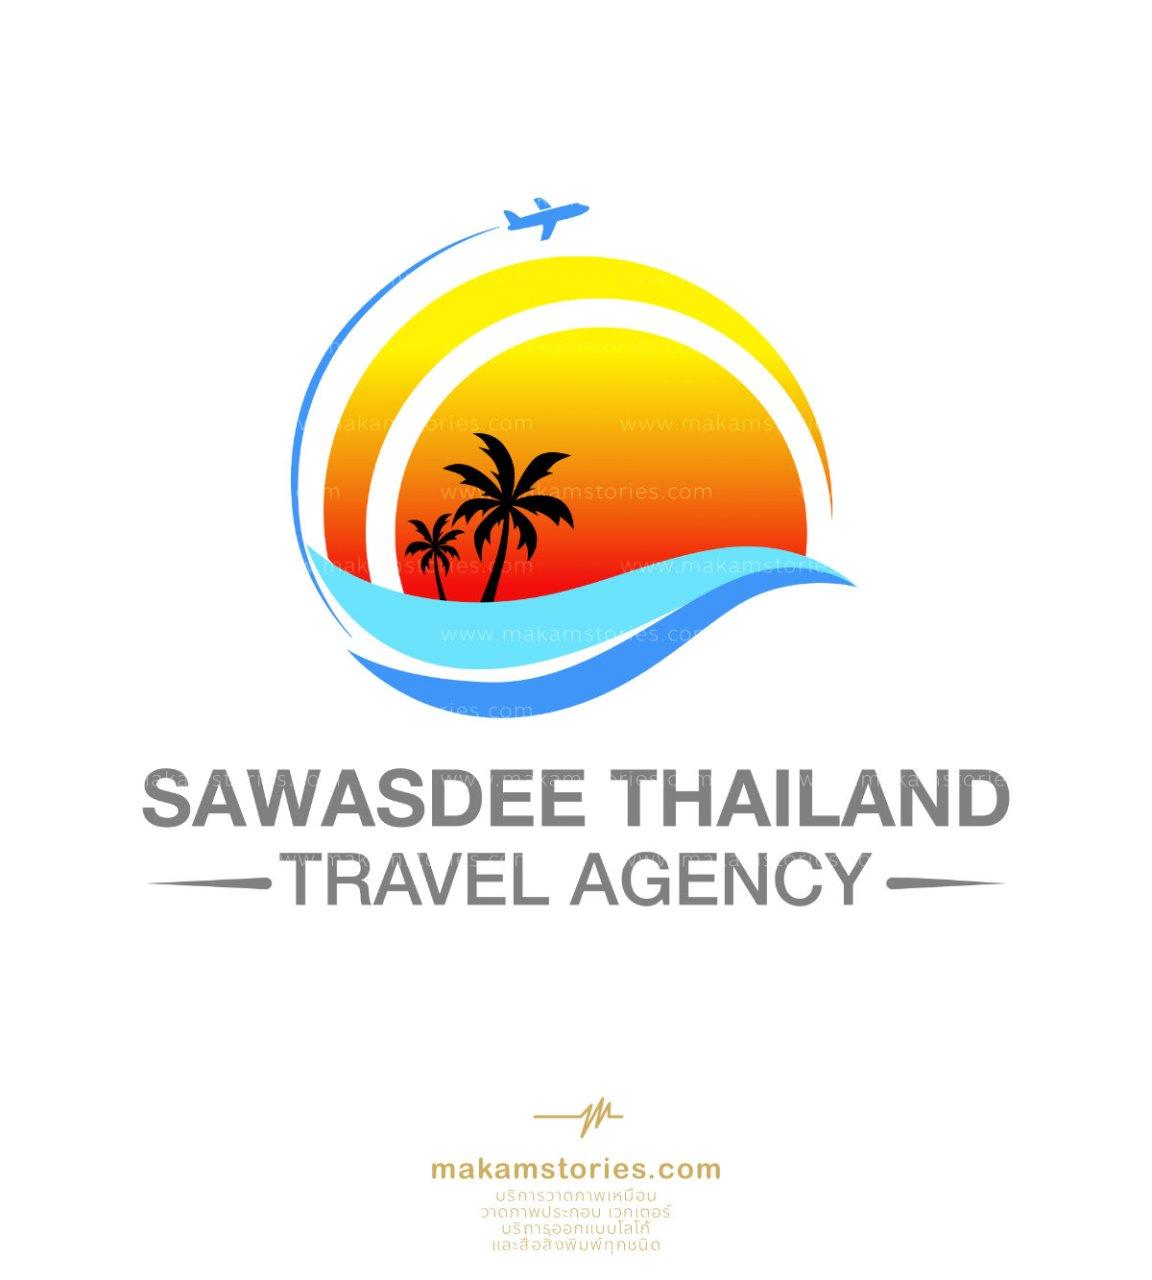 โลโก้บริษัทท่องเที่ยว โลโก้ทัวร์นำเที่ยว Travel Agency Logo